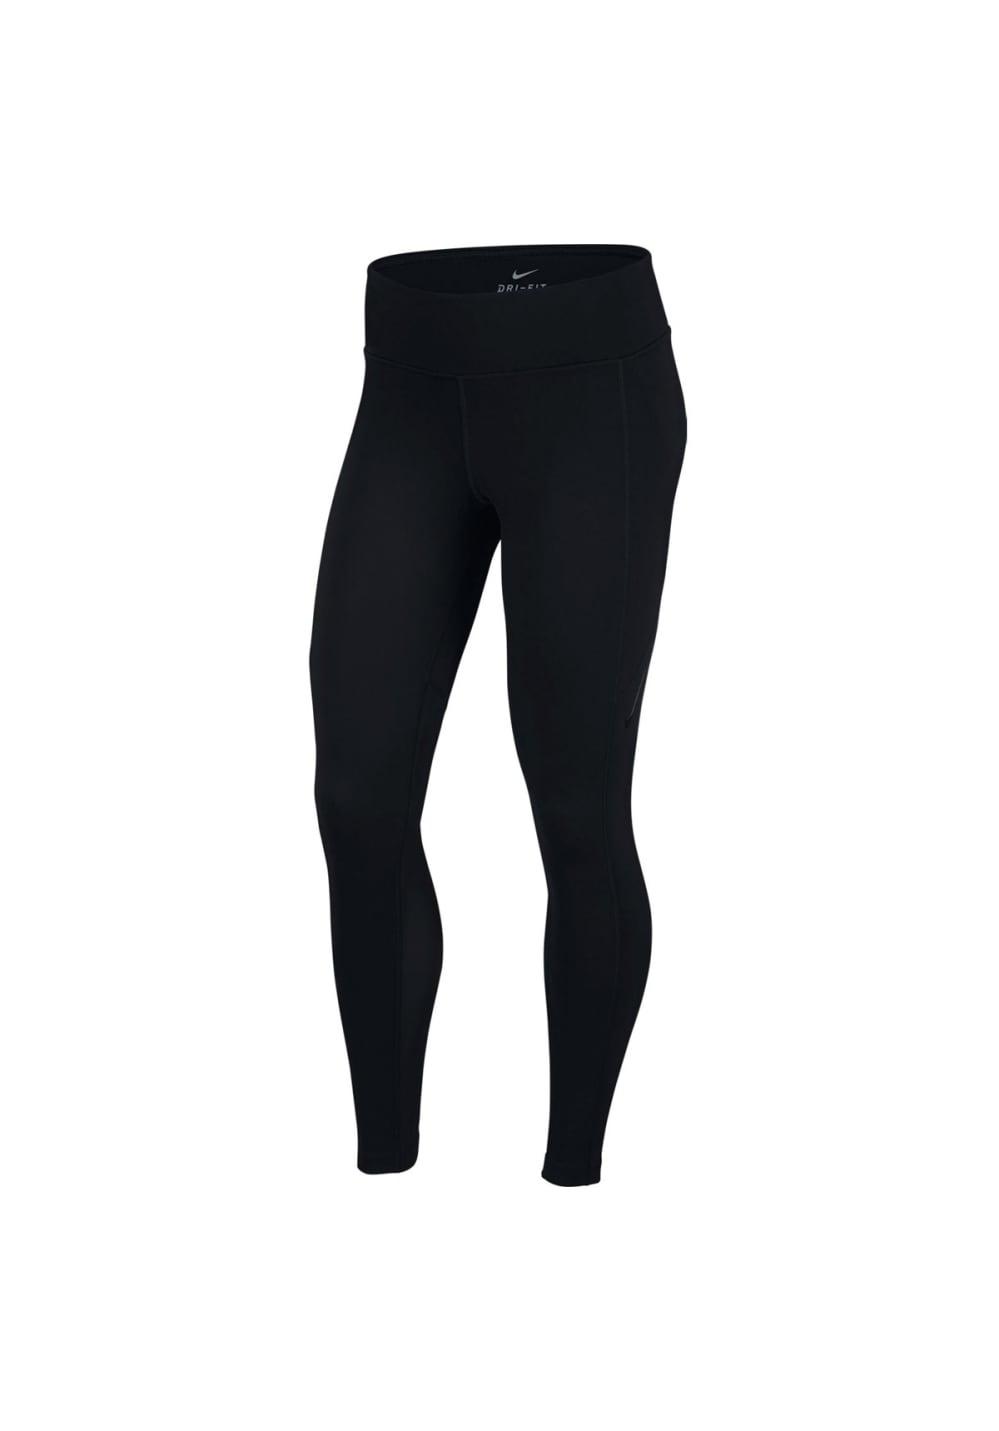 Nike Power Pocket Lux Tights - Fitnesshosen für Damen - Schwarz